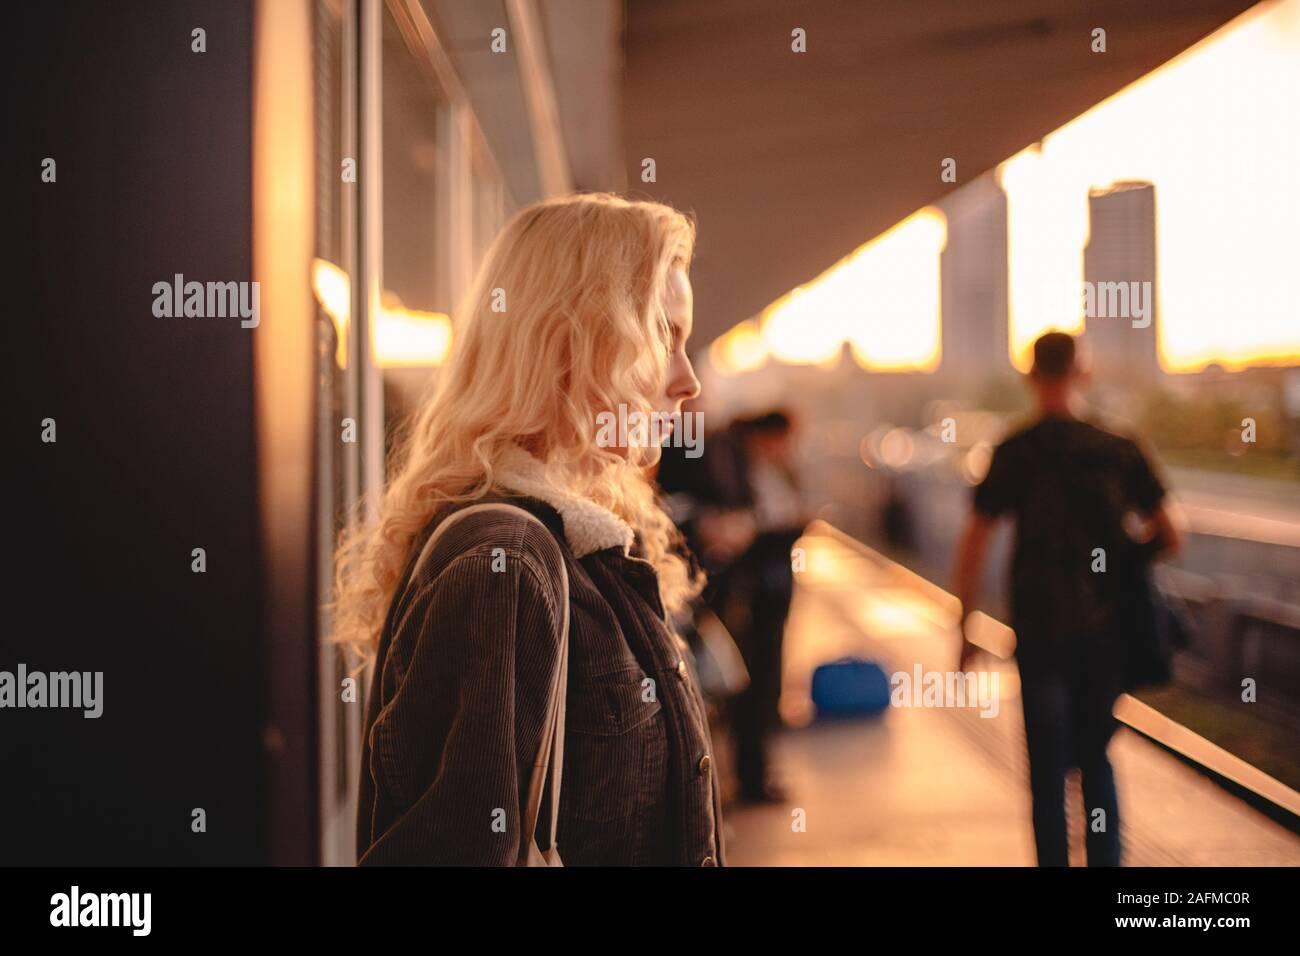 Jeune femme aux cheveux blonds en attente de train à la station de métro Banque D'Images